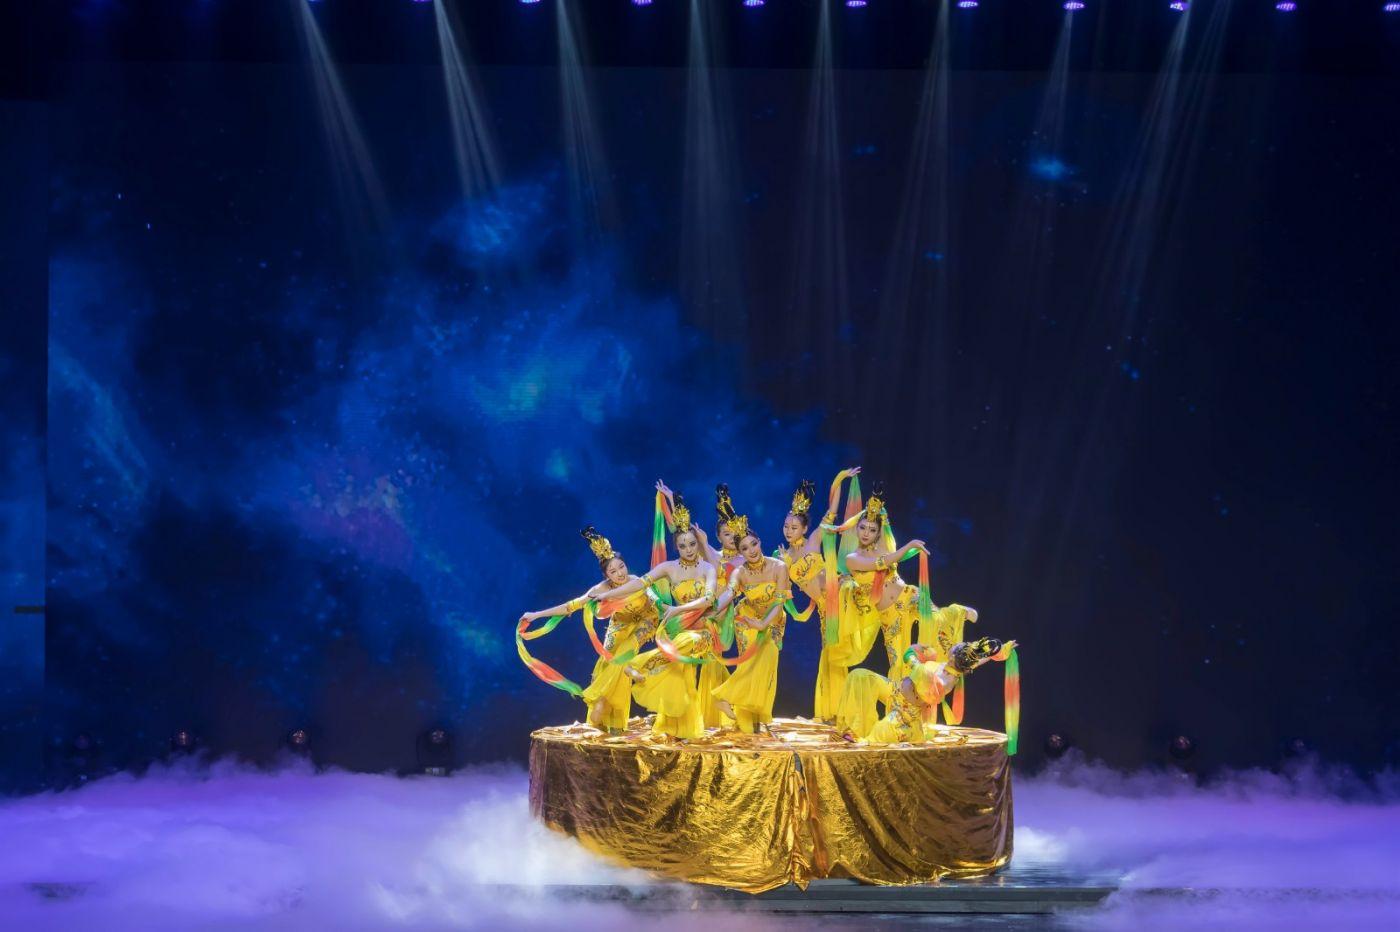 沂蒙大地上 有一种舞蹈叫飞天 这是几位临沂女孩的杰作 美轮美奂 ..._图1-39